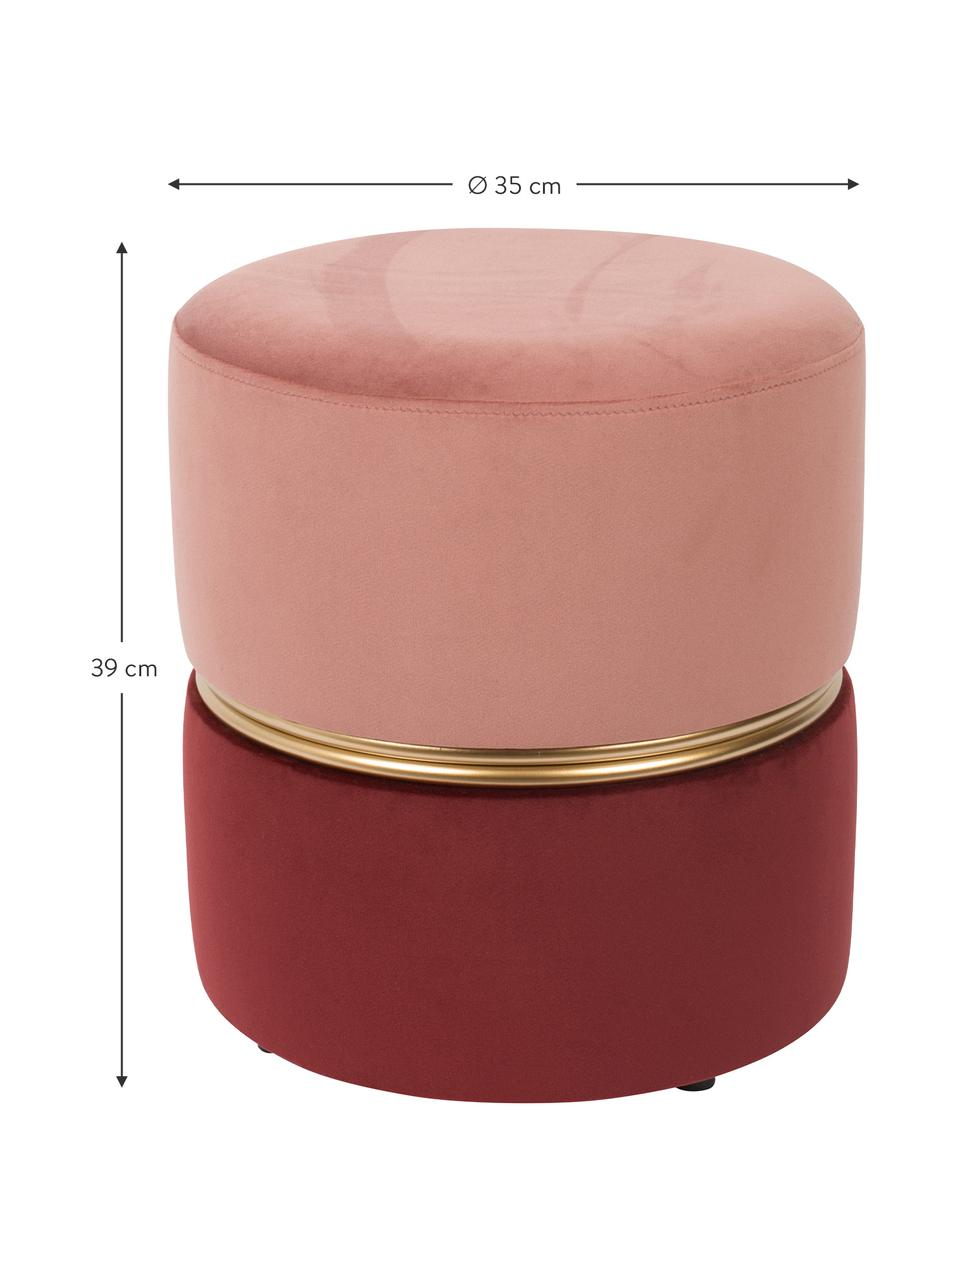 Pouf in velluto Bubbly, Rivestimento: velluto di poliestere 20., Struttura: pannello di fibra a media, Rosa, rosso rubino, Ø 35 x Alt. 39 cm